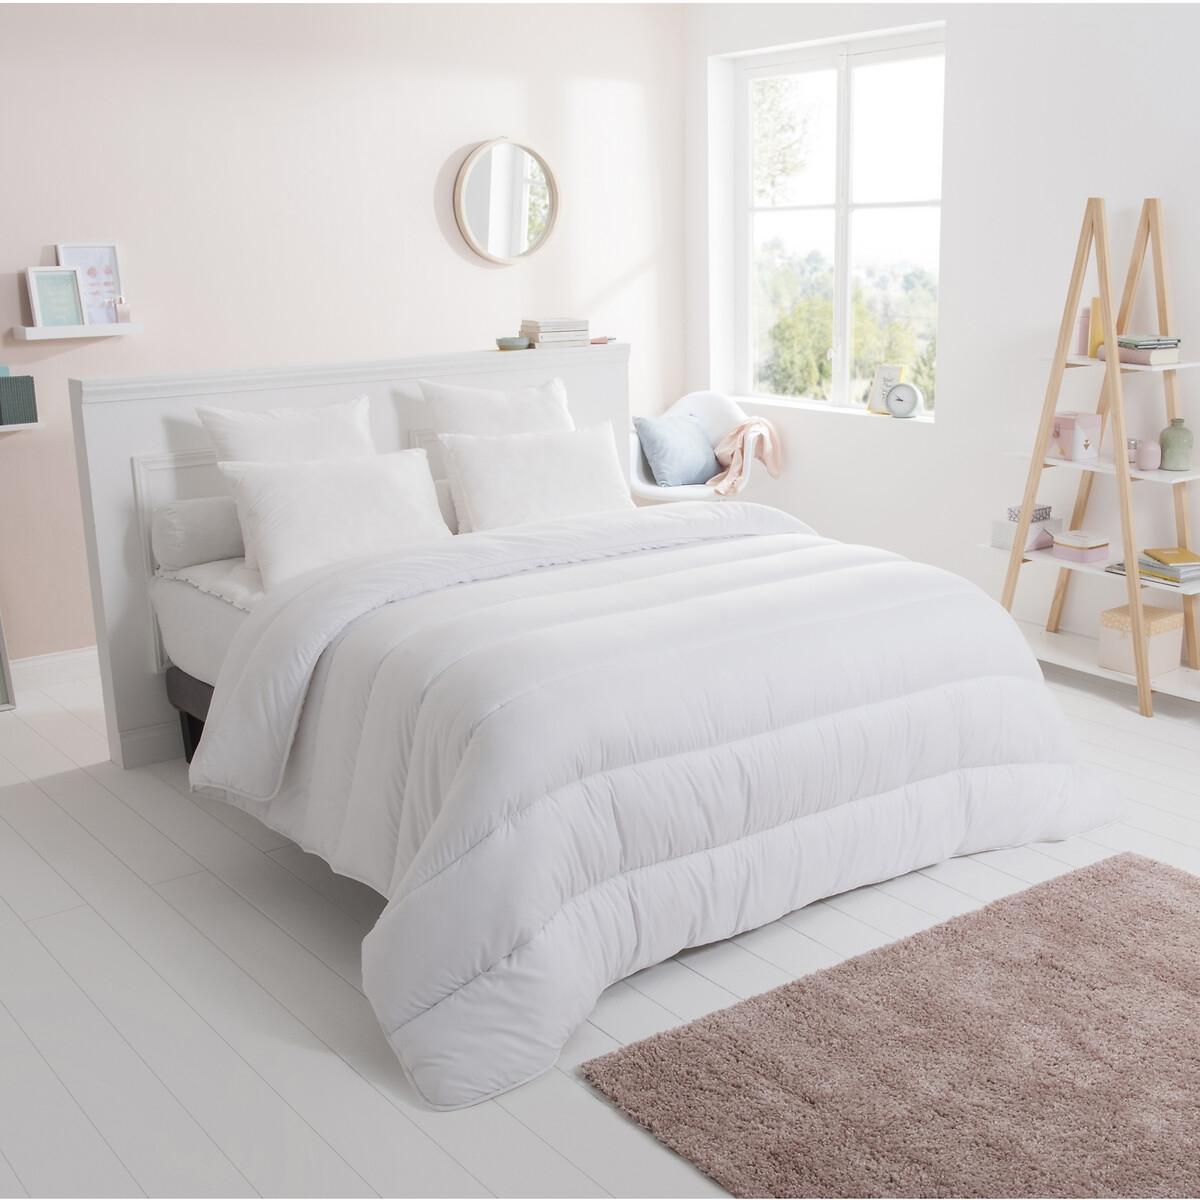 Одеяло LaRedoute Из синтетики 300 гм 260 x 240 см белый одеяло la redoute nature полиэстер чехол из биохлопка гм 240 x 220 см белый